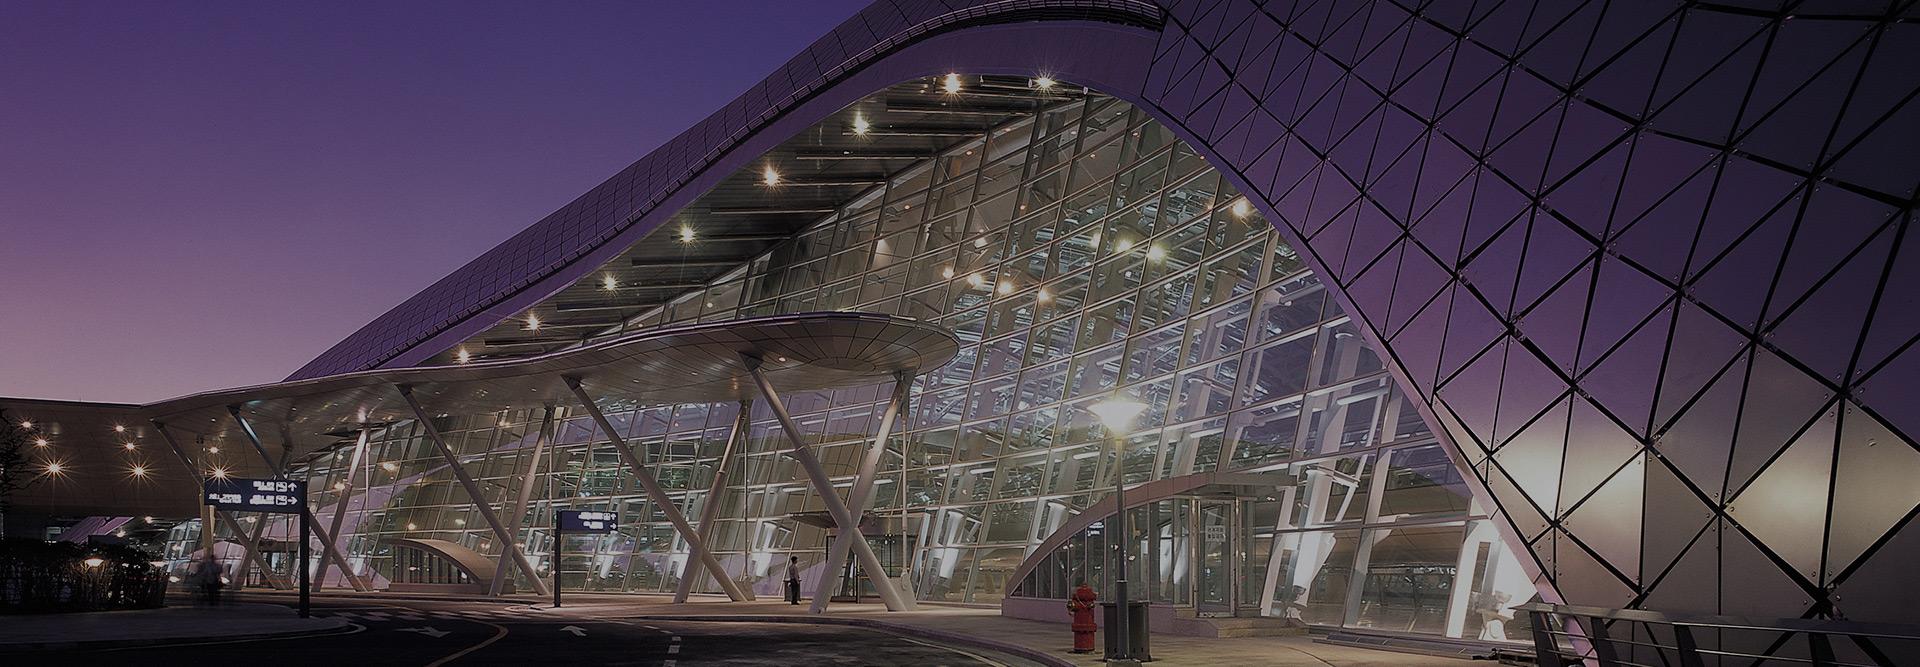 incheon-airport-night-1920x667